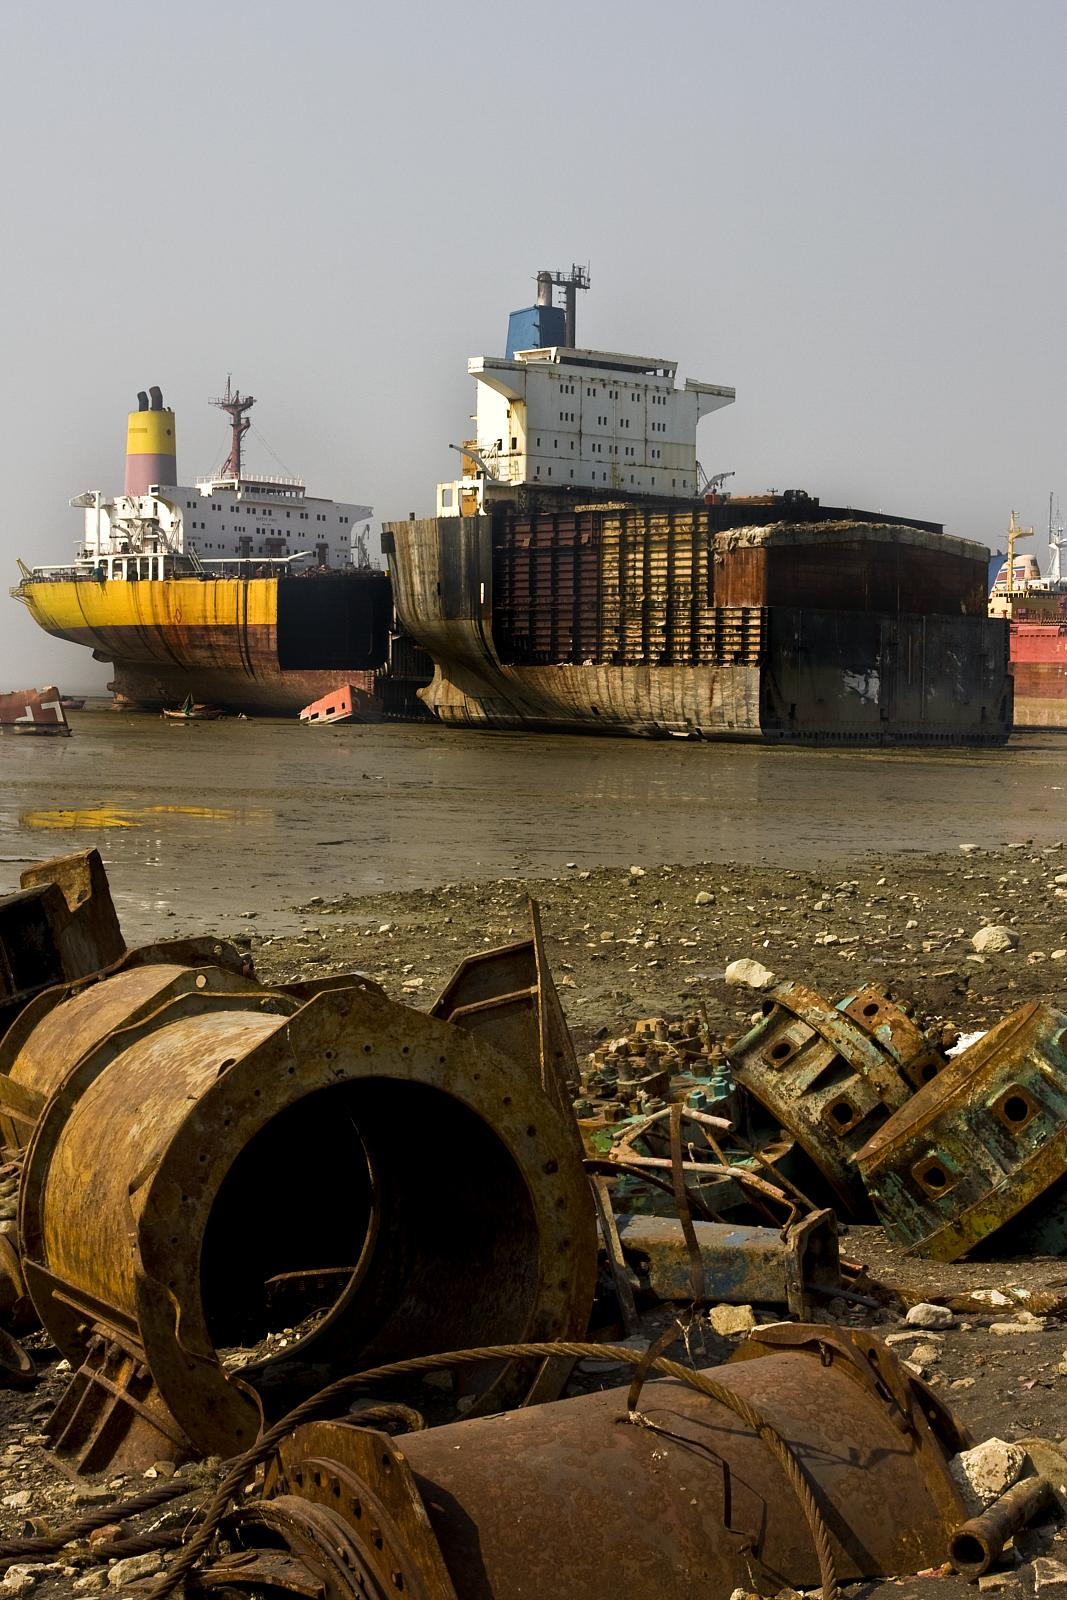 بررسی الزامات توسعه صنعت اوراق کشتی در ایران